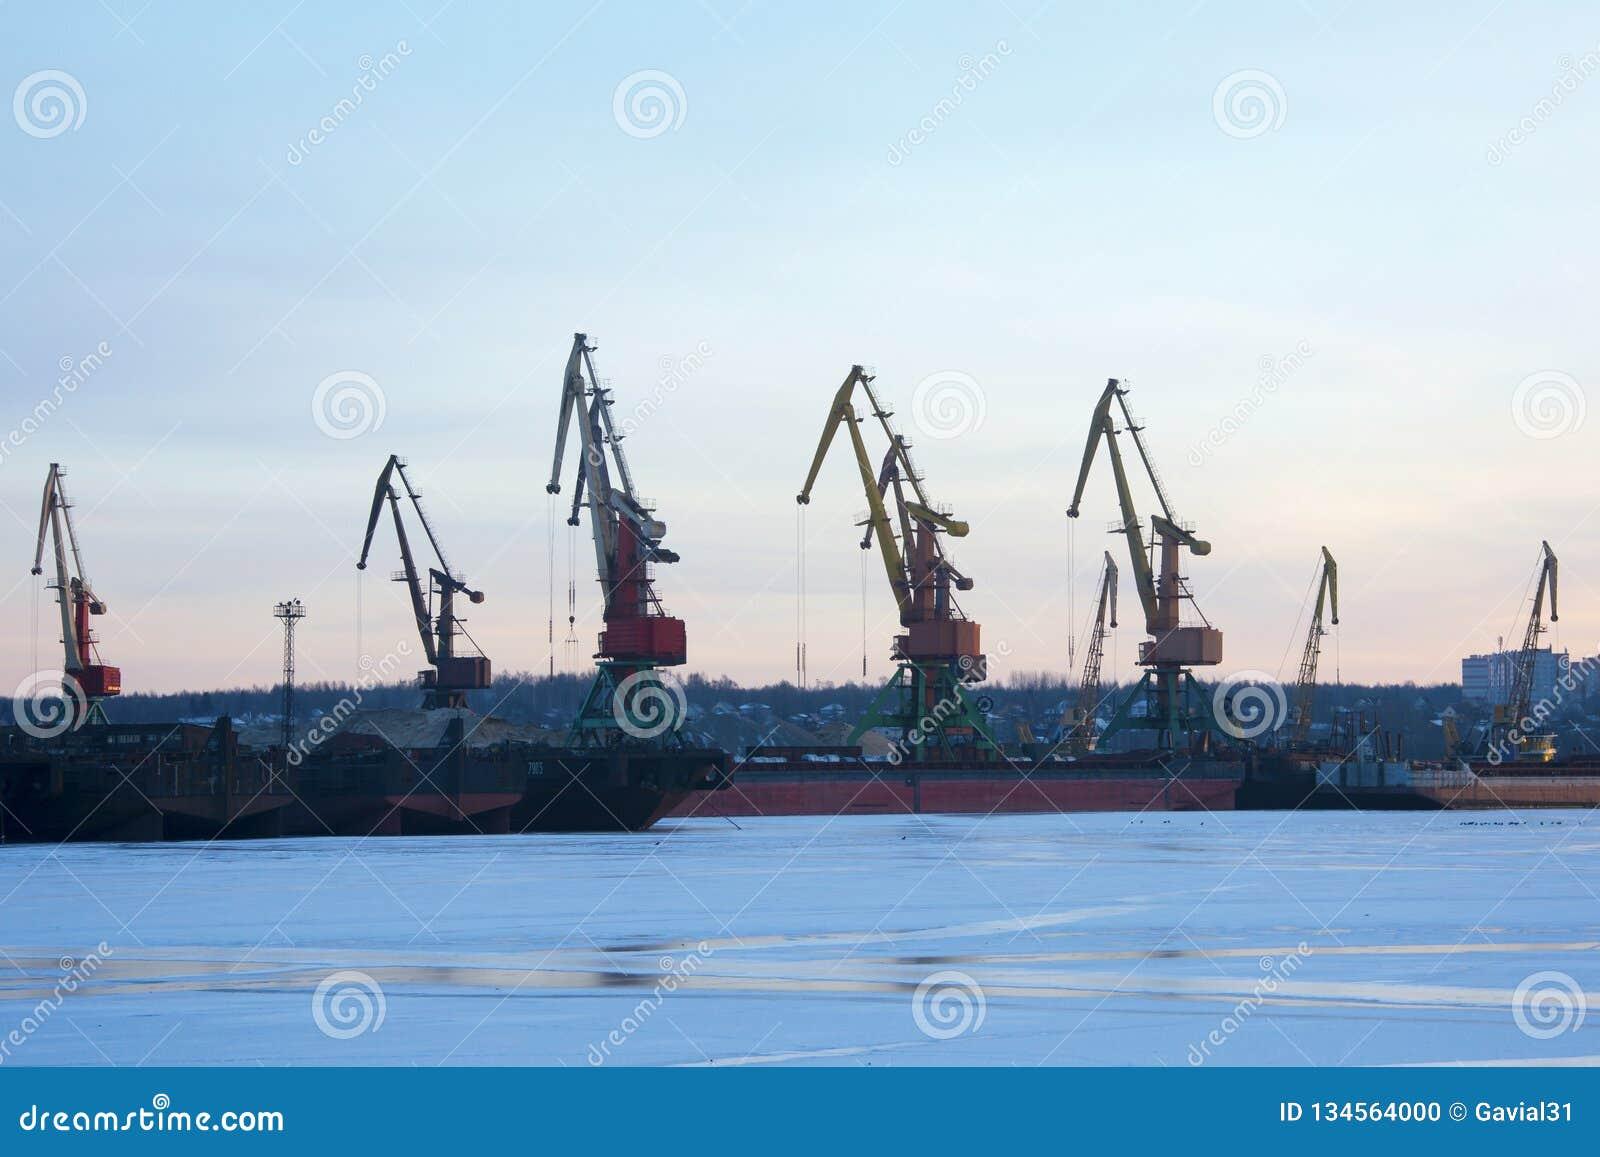 Kranen in de haven, scheepswerf in de avond, bij zonsondergang